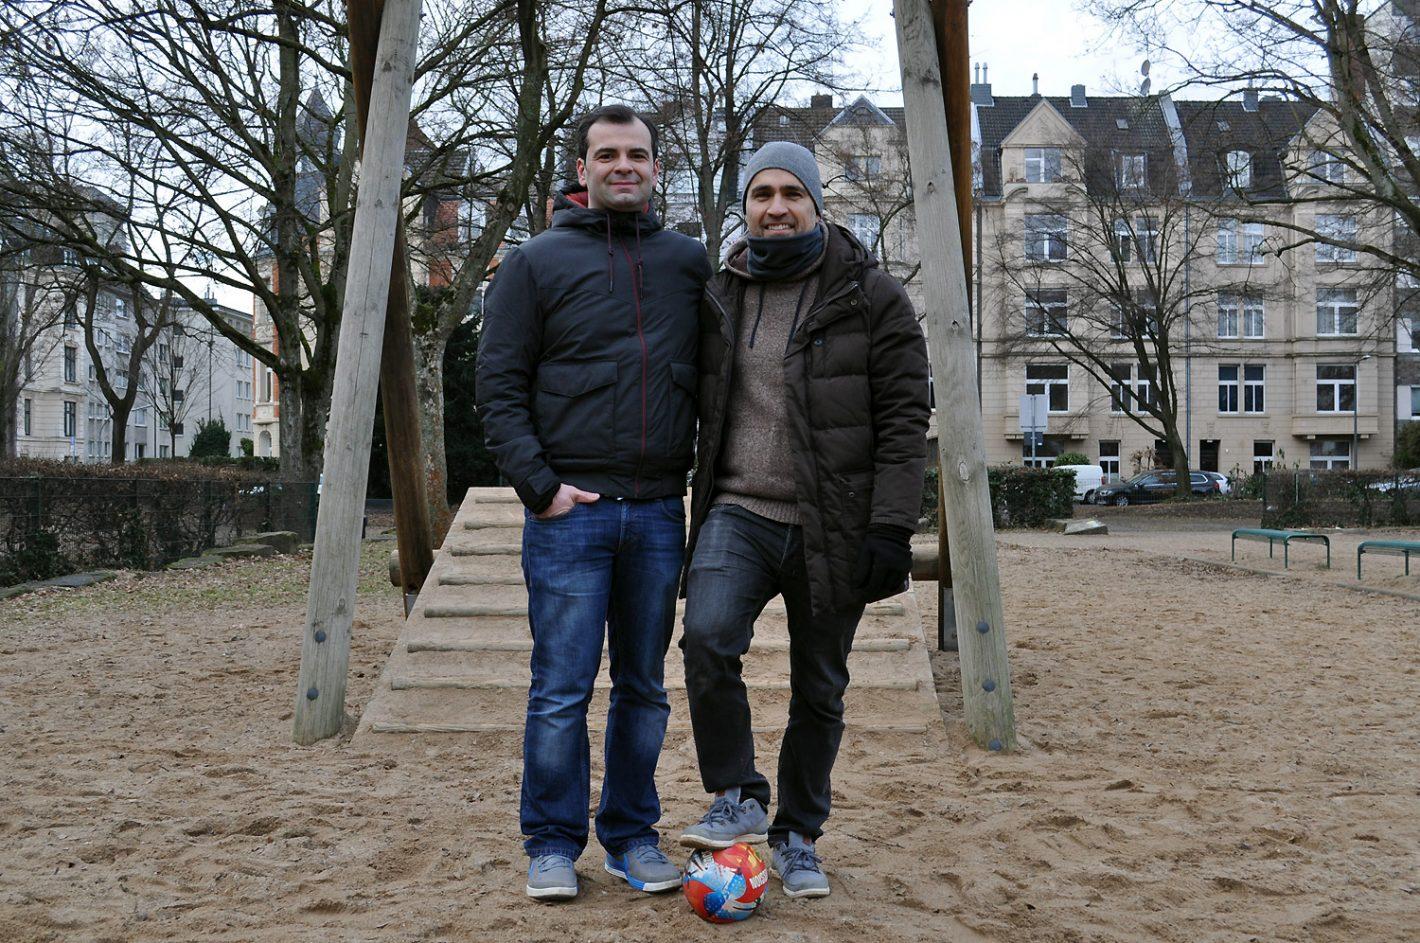 Zwei Männer auf Spielplatz